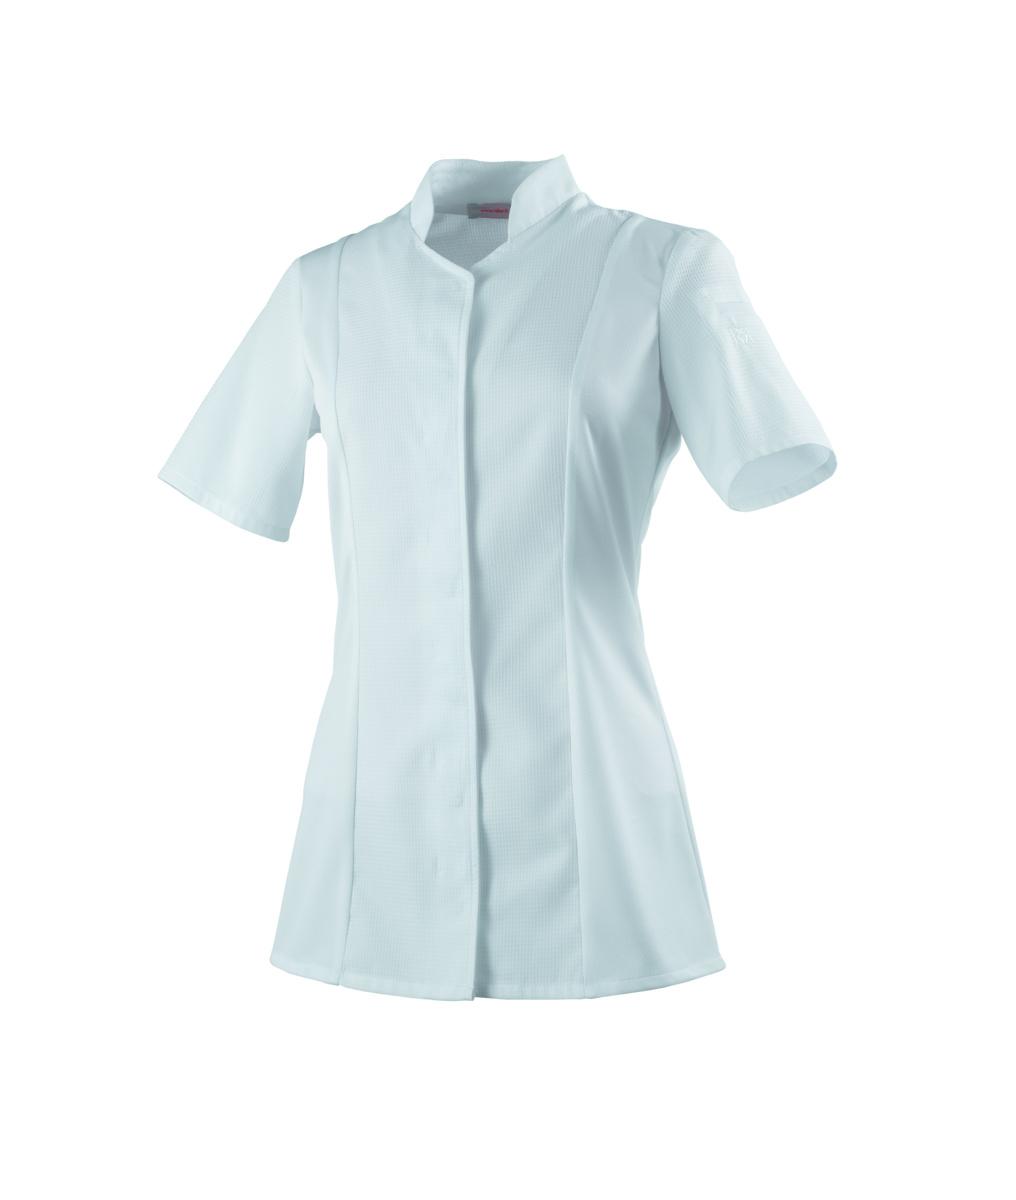 Veste femme manches courtes blanc taille 2 Abella Robur